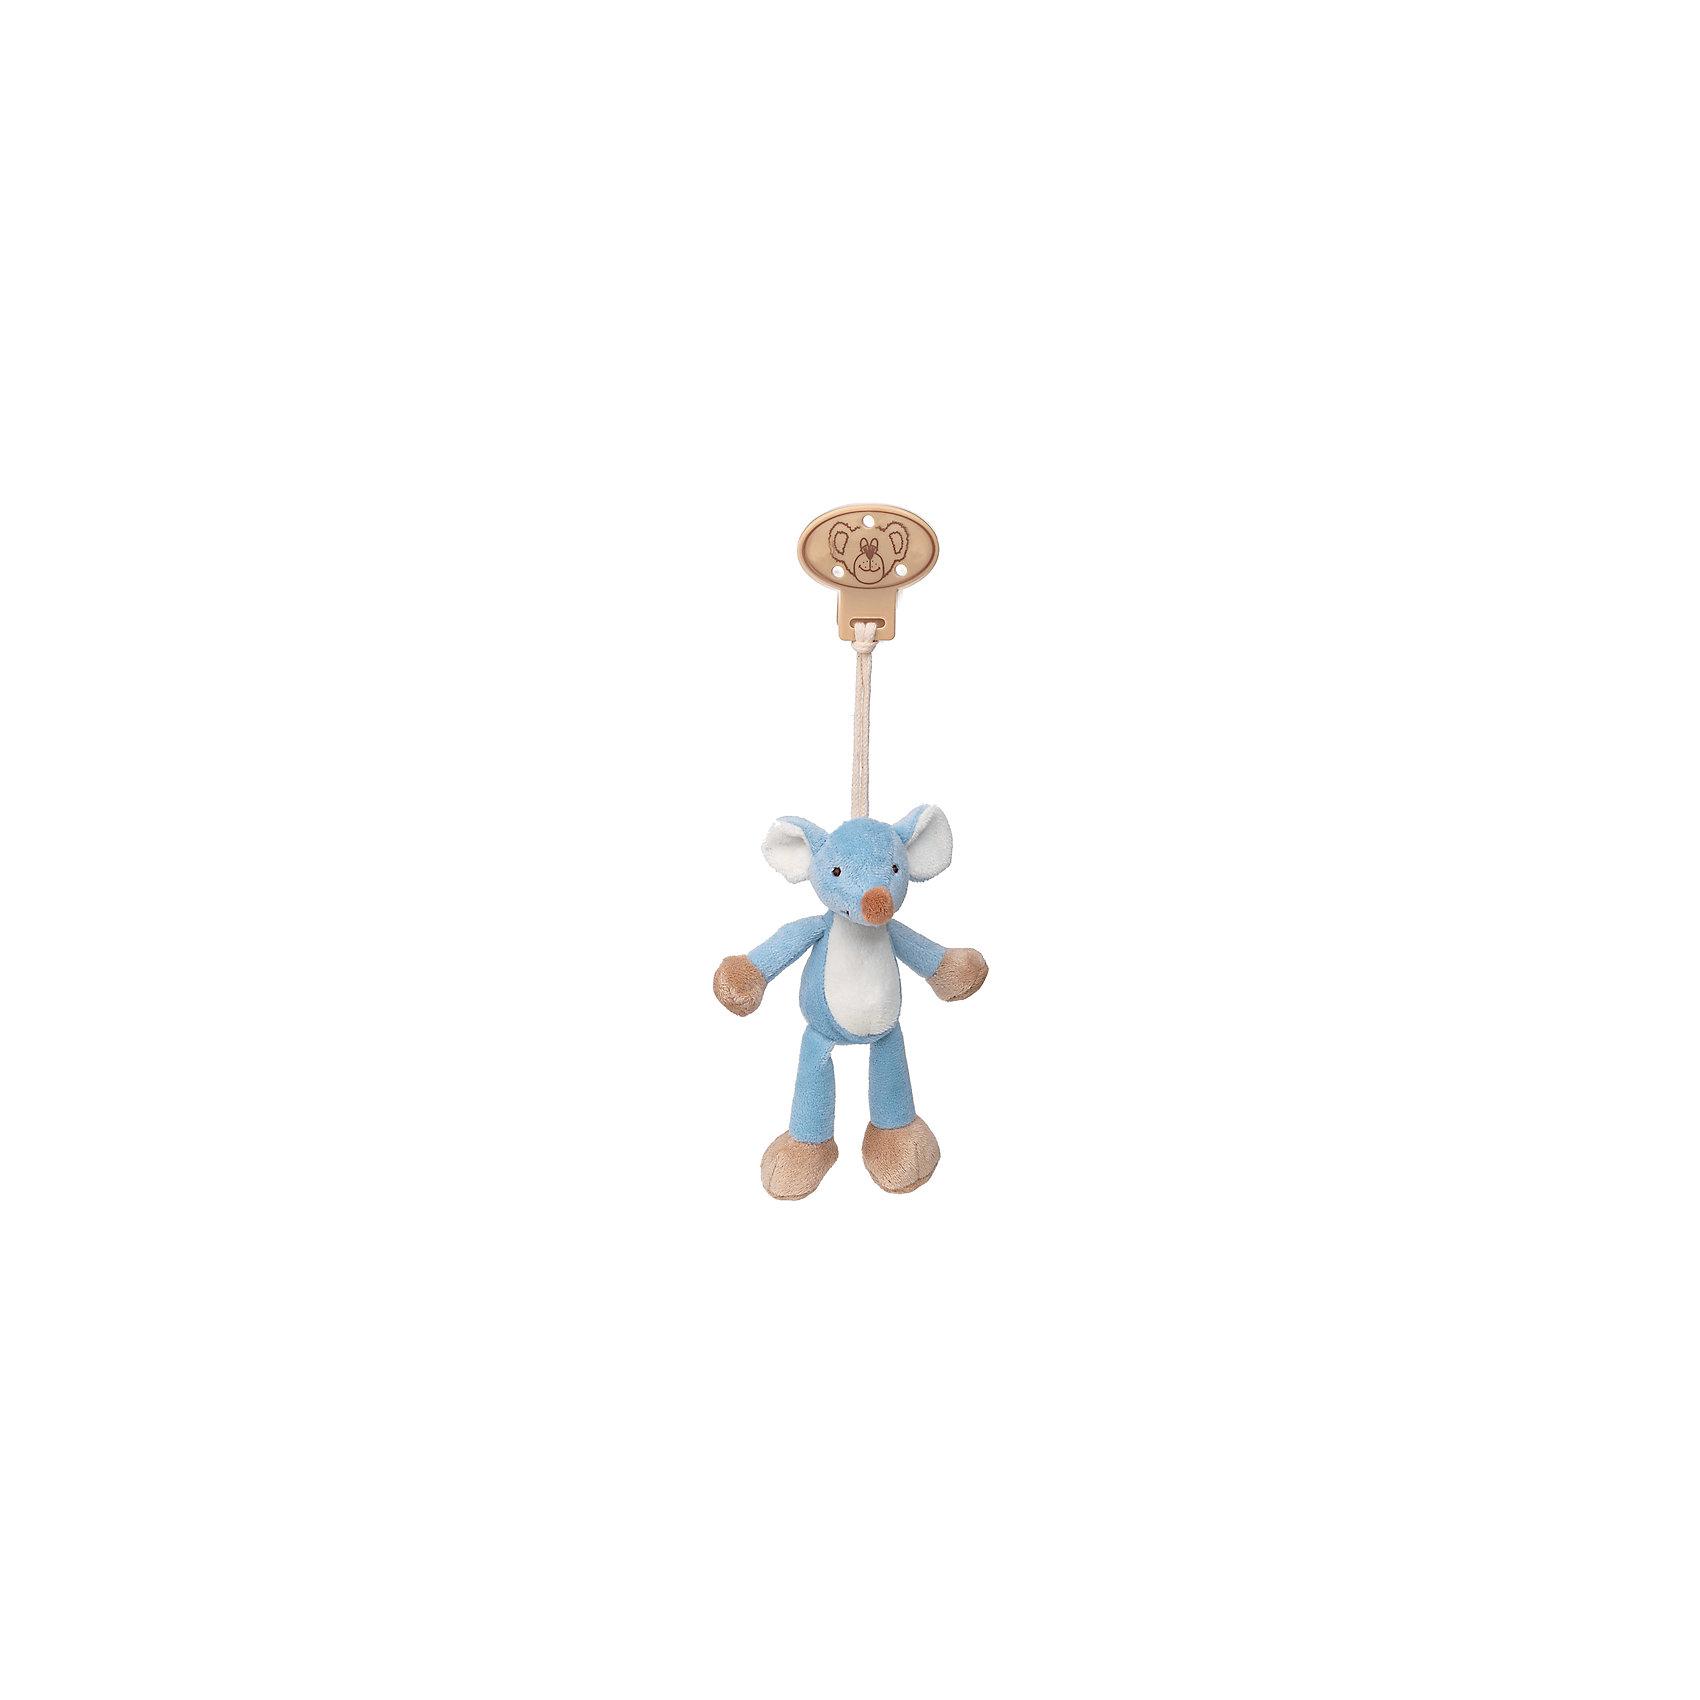 Клипса с игрушкой Мышь, Динглисар, Teddykompaniet